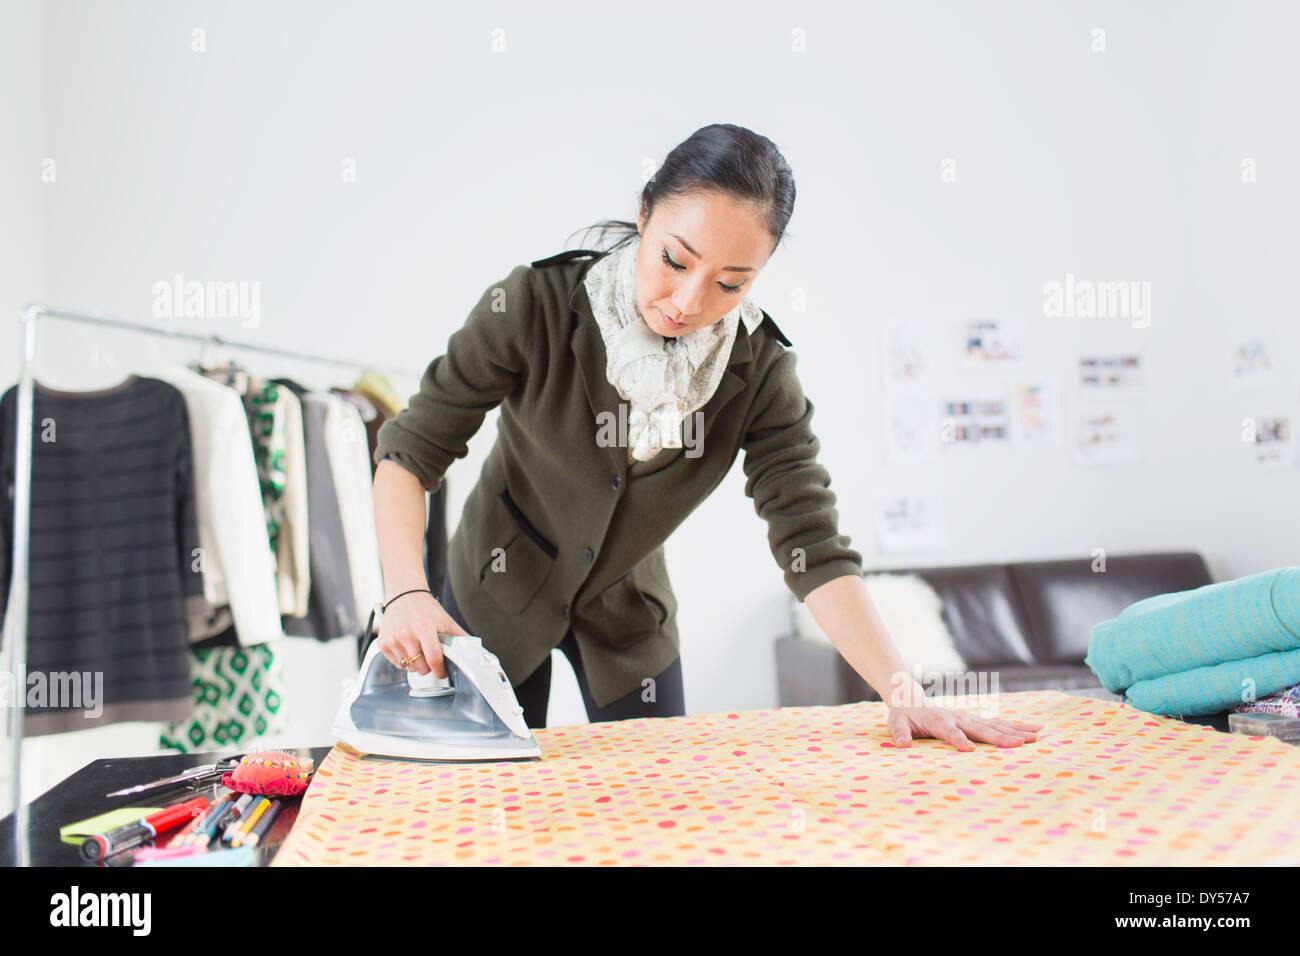 Female fashion designer ironing fabric Stock Photo ...